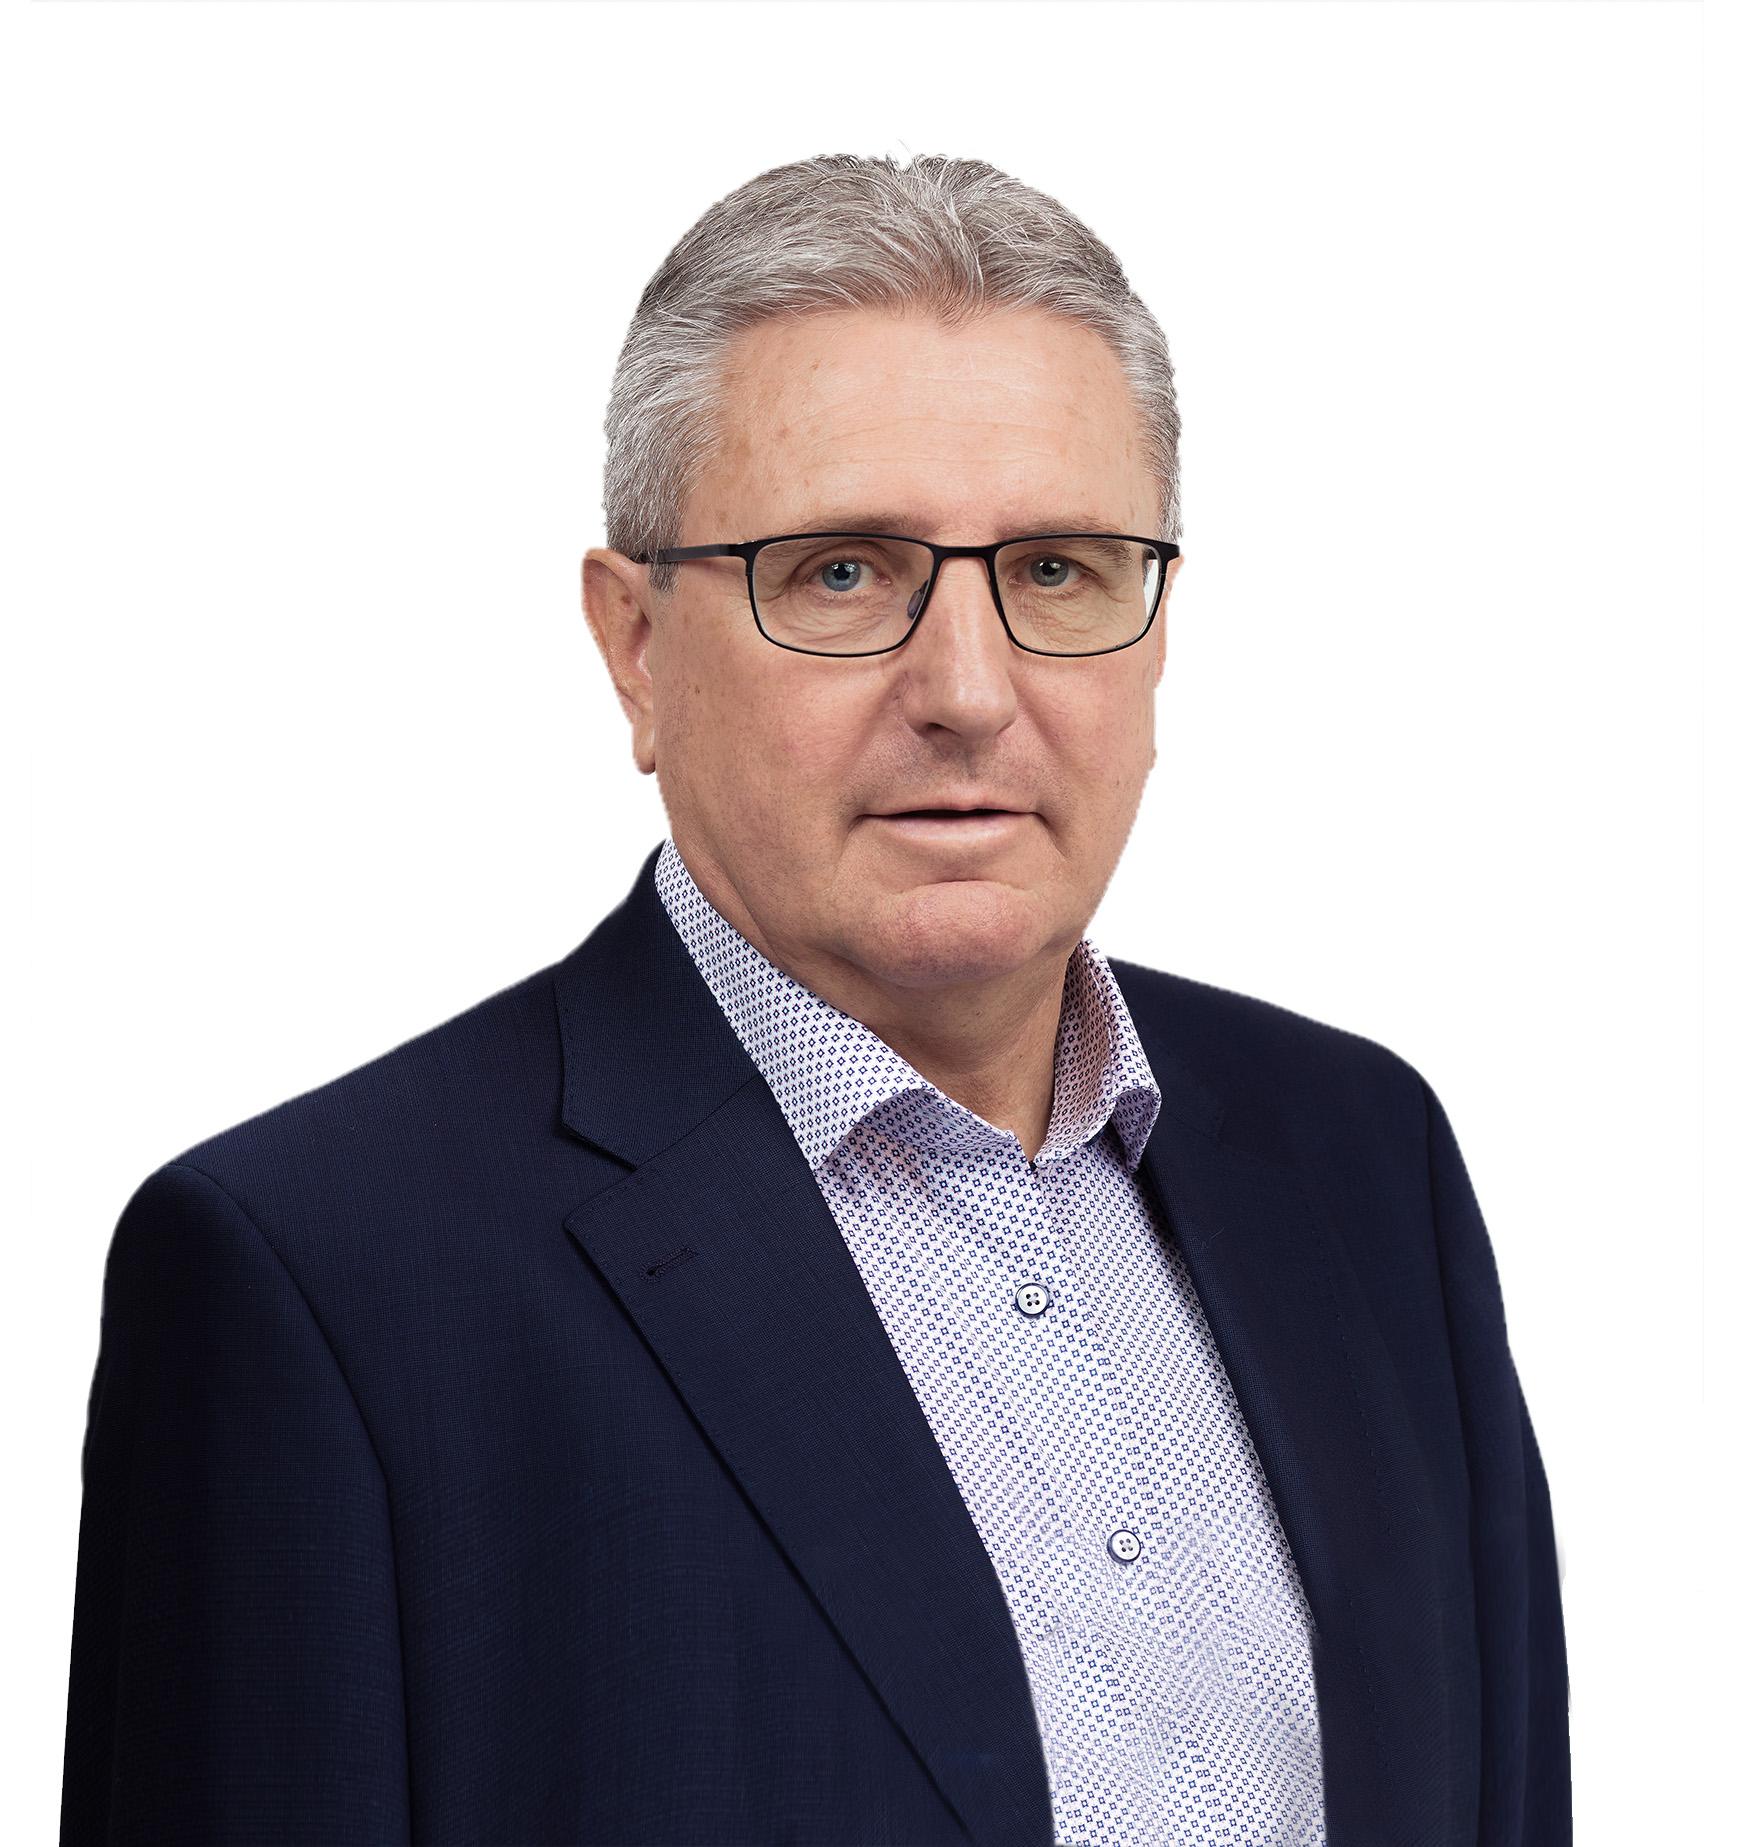 Jean-Pierre Gobet